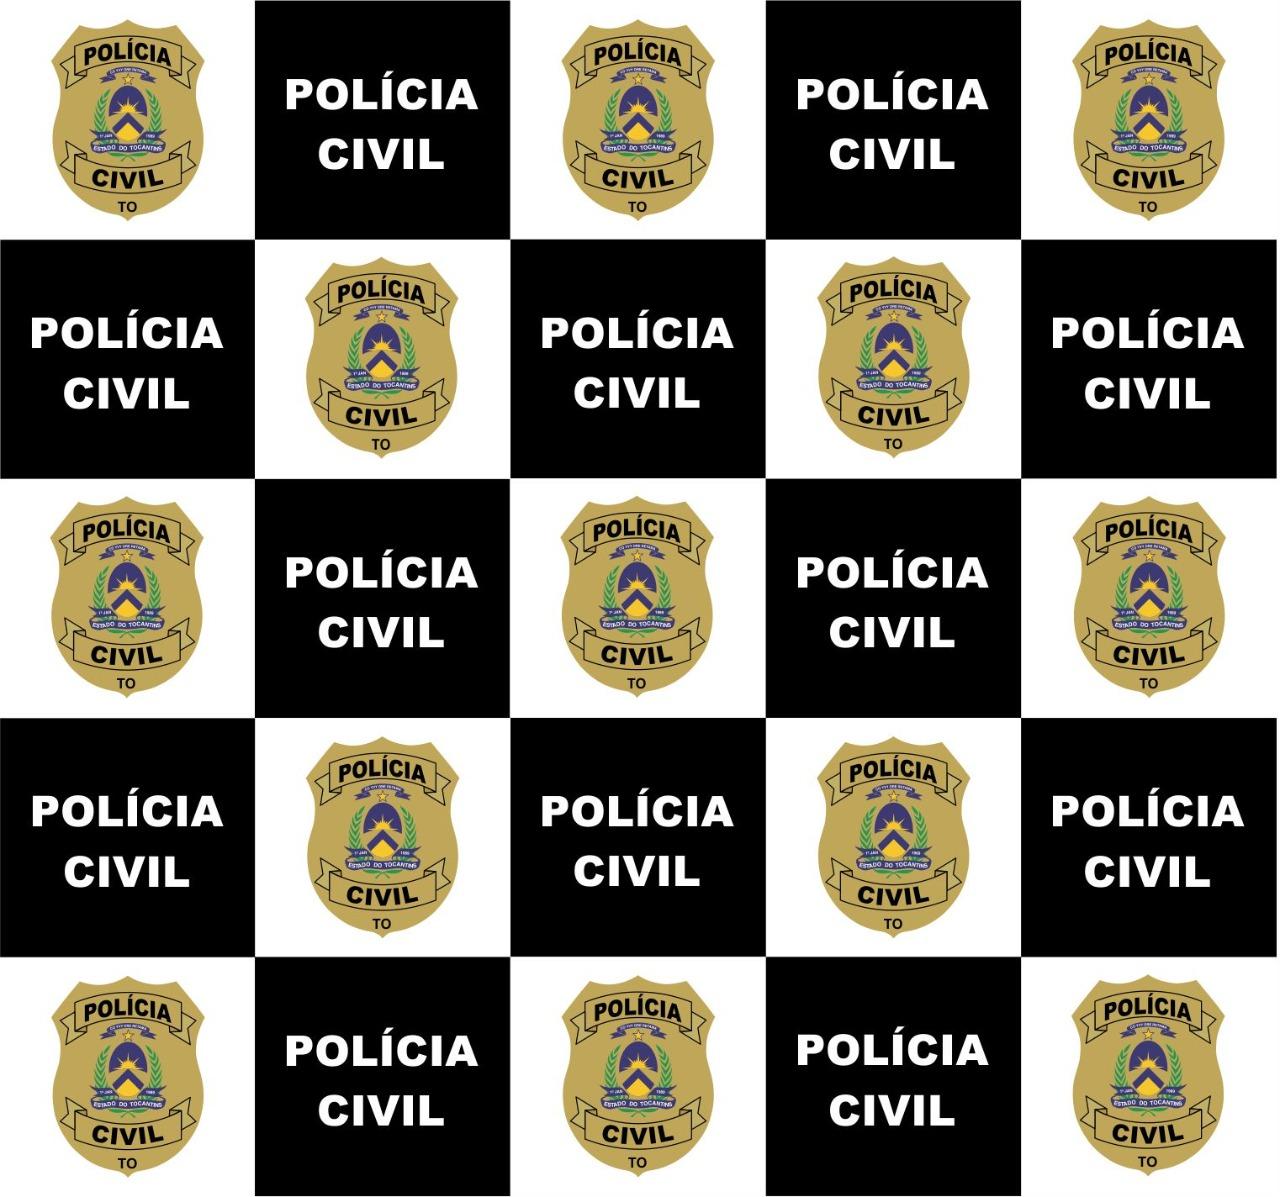 Polícia Civil cumpre mandado de prisão preventiva em desfavor de homem por tentativa de feminicídio